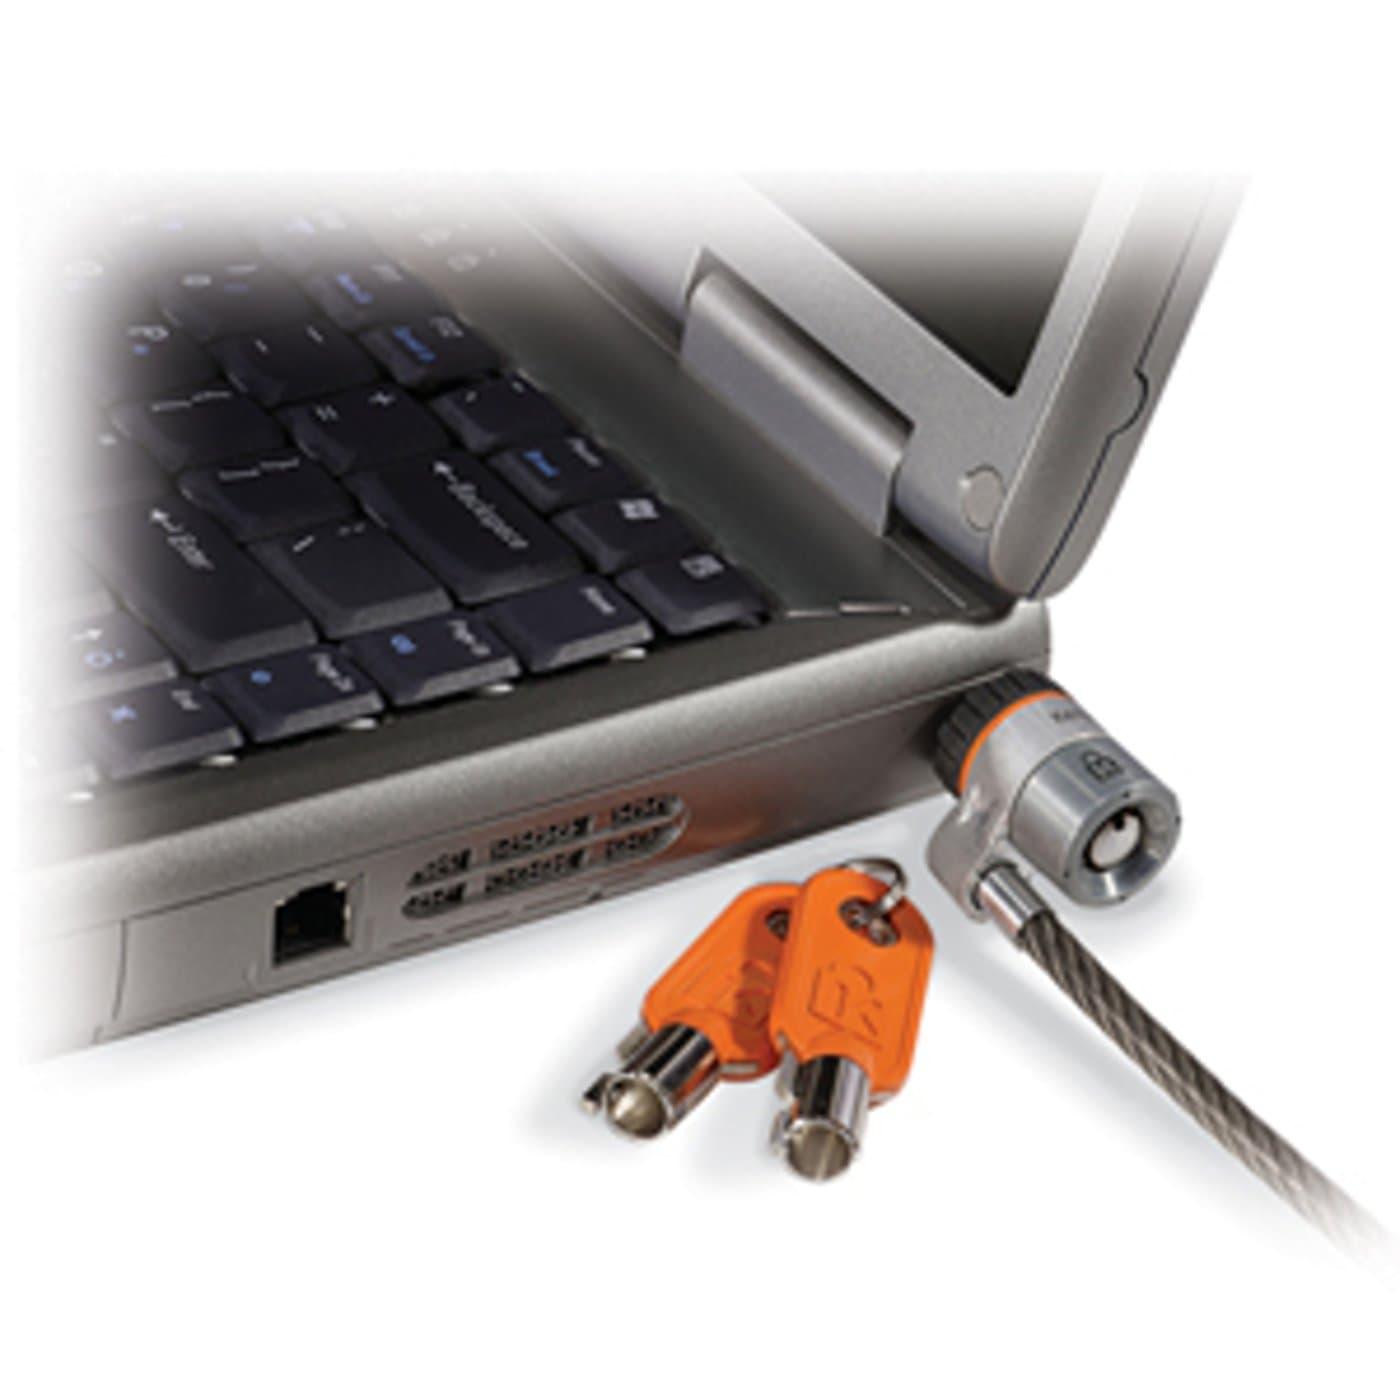 Kensington Products Security Keyed Locks